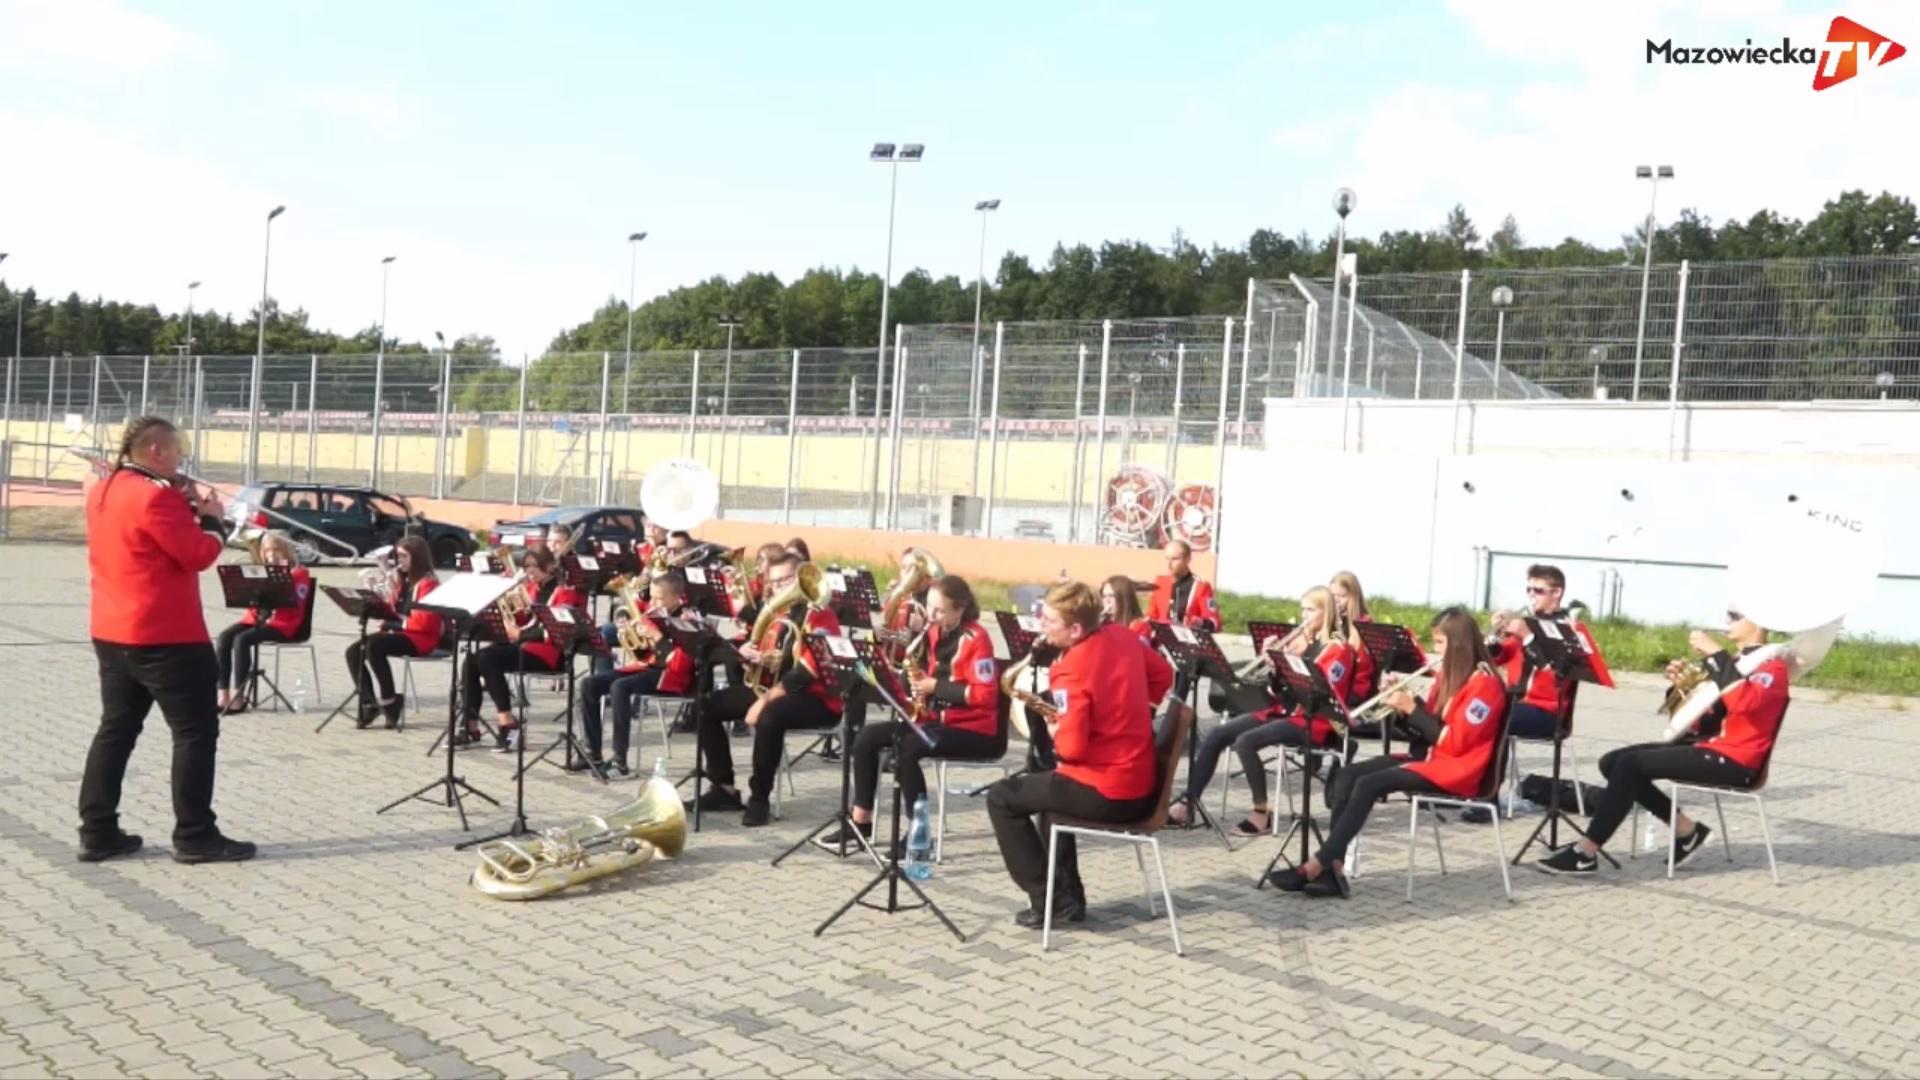 Koncert Dziecięco-Młodzieżowej Orkiestry Dętej z Mogielnicy na Pożegnanie Lata 2020